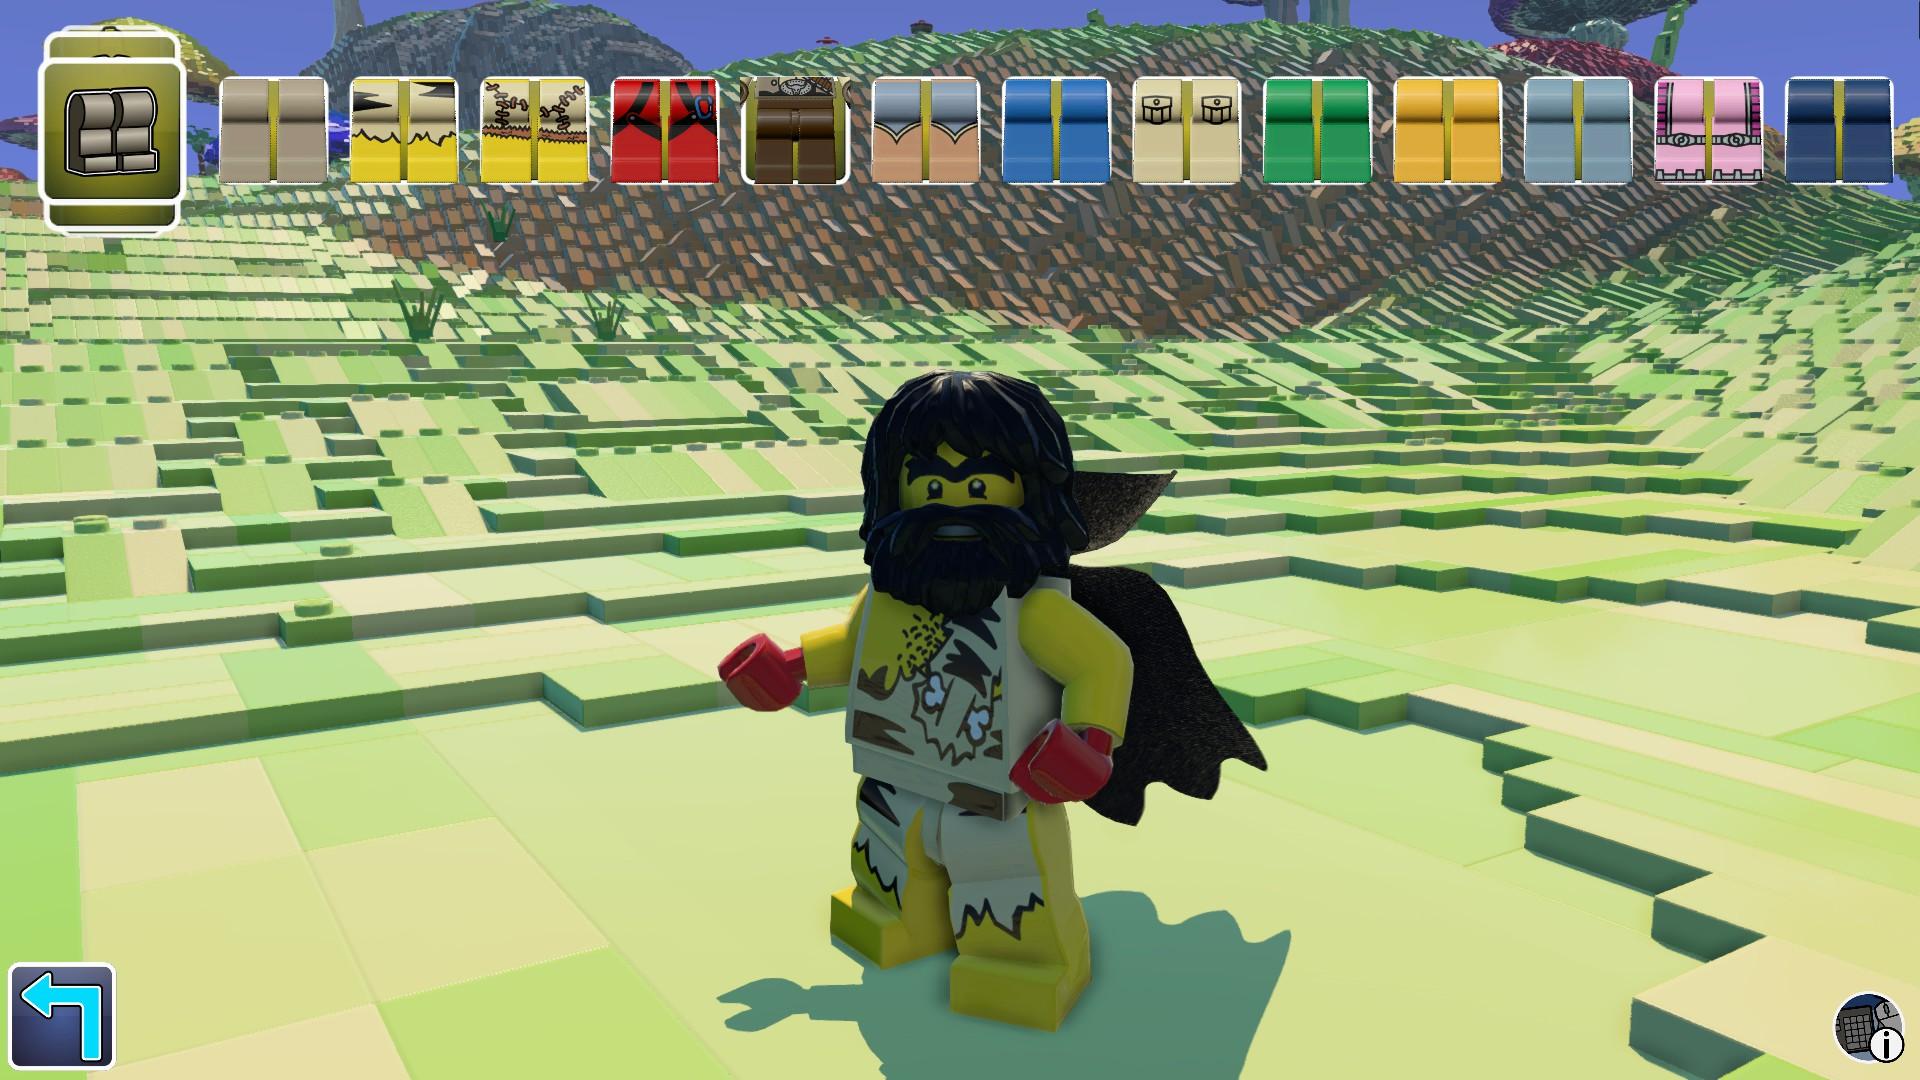 Screenshot: LEGO-Charakter mit dichtem Bart und langen schwarzen Haaren, der mit Fellen bekleidet ist. Am oberen Bildrand ist ein Auswahlmenü mit verschiedenen LEGO-Beinen, die unterschiedliche Kleidungsmuster aufweisen